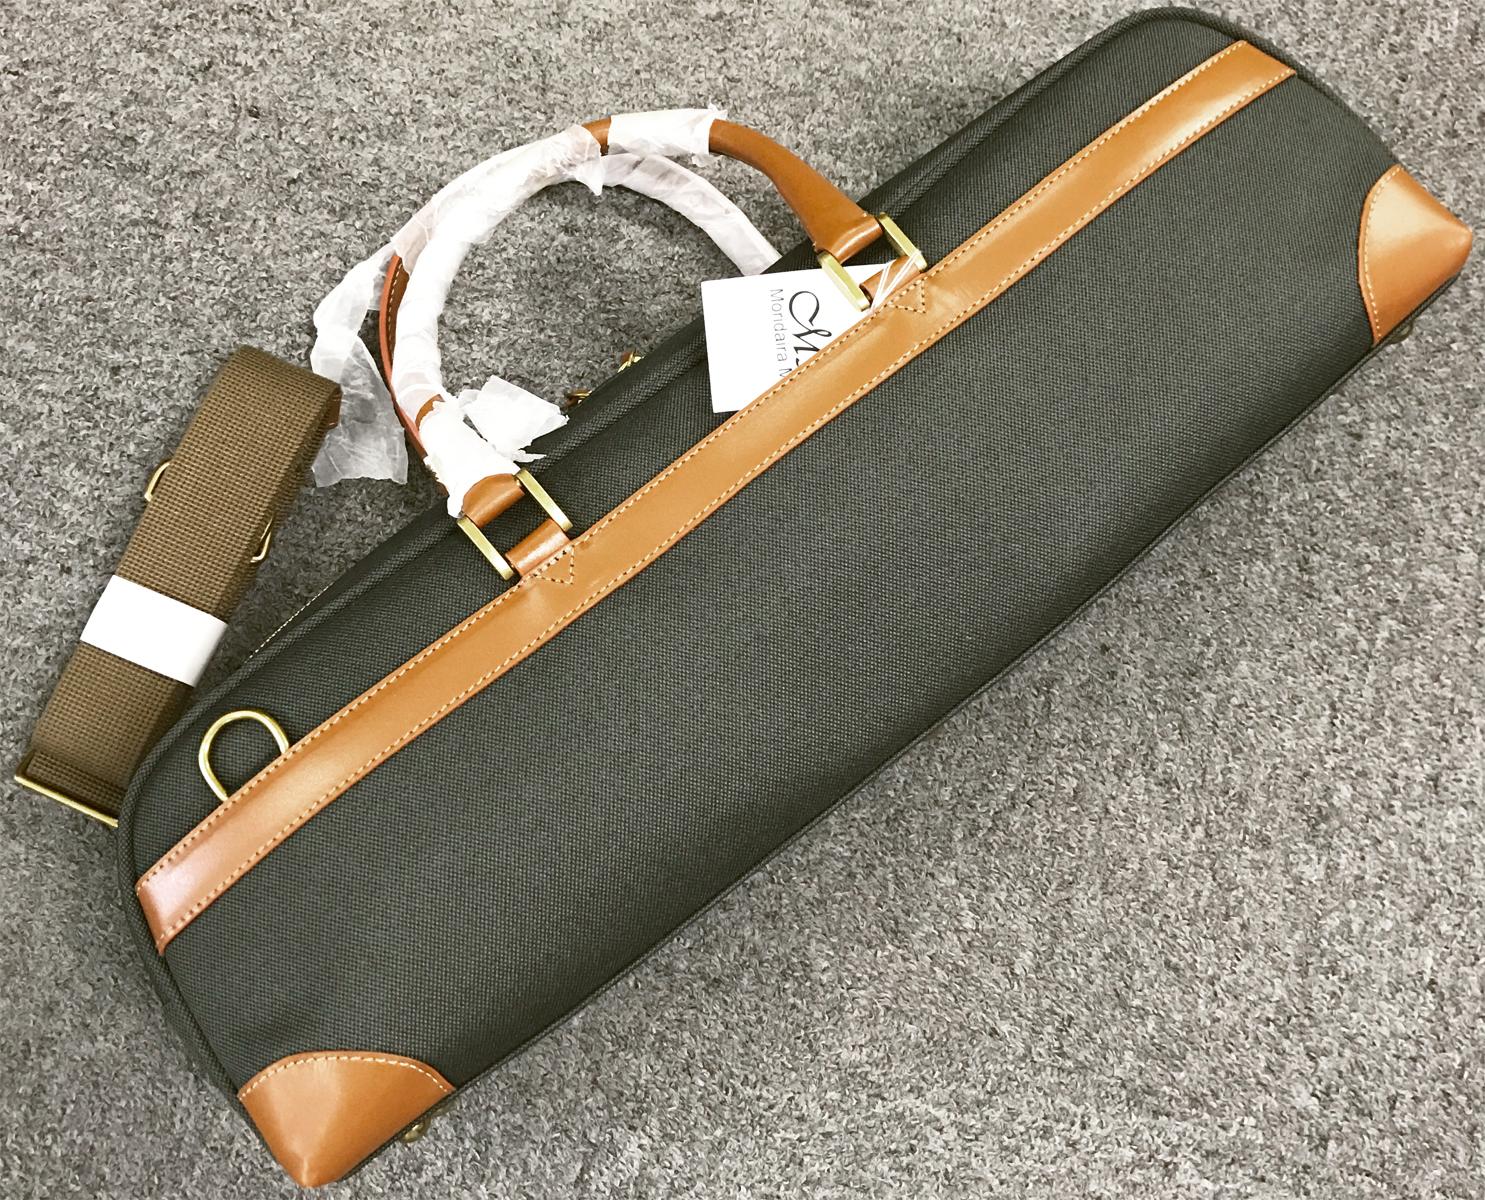 型掛け フルート用ケース フルートケースカバー ストラップ M's エムズ MFC 2 オリーブ フルートケース ハードケース用 ケースカバー flute 蔵 H管 OLIVE 新品 ショルダー case 管楽器 C管 ケース cover